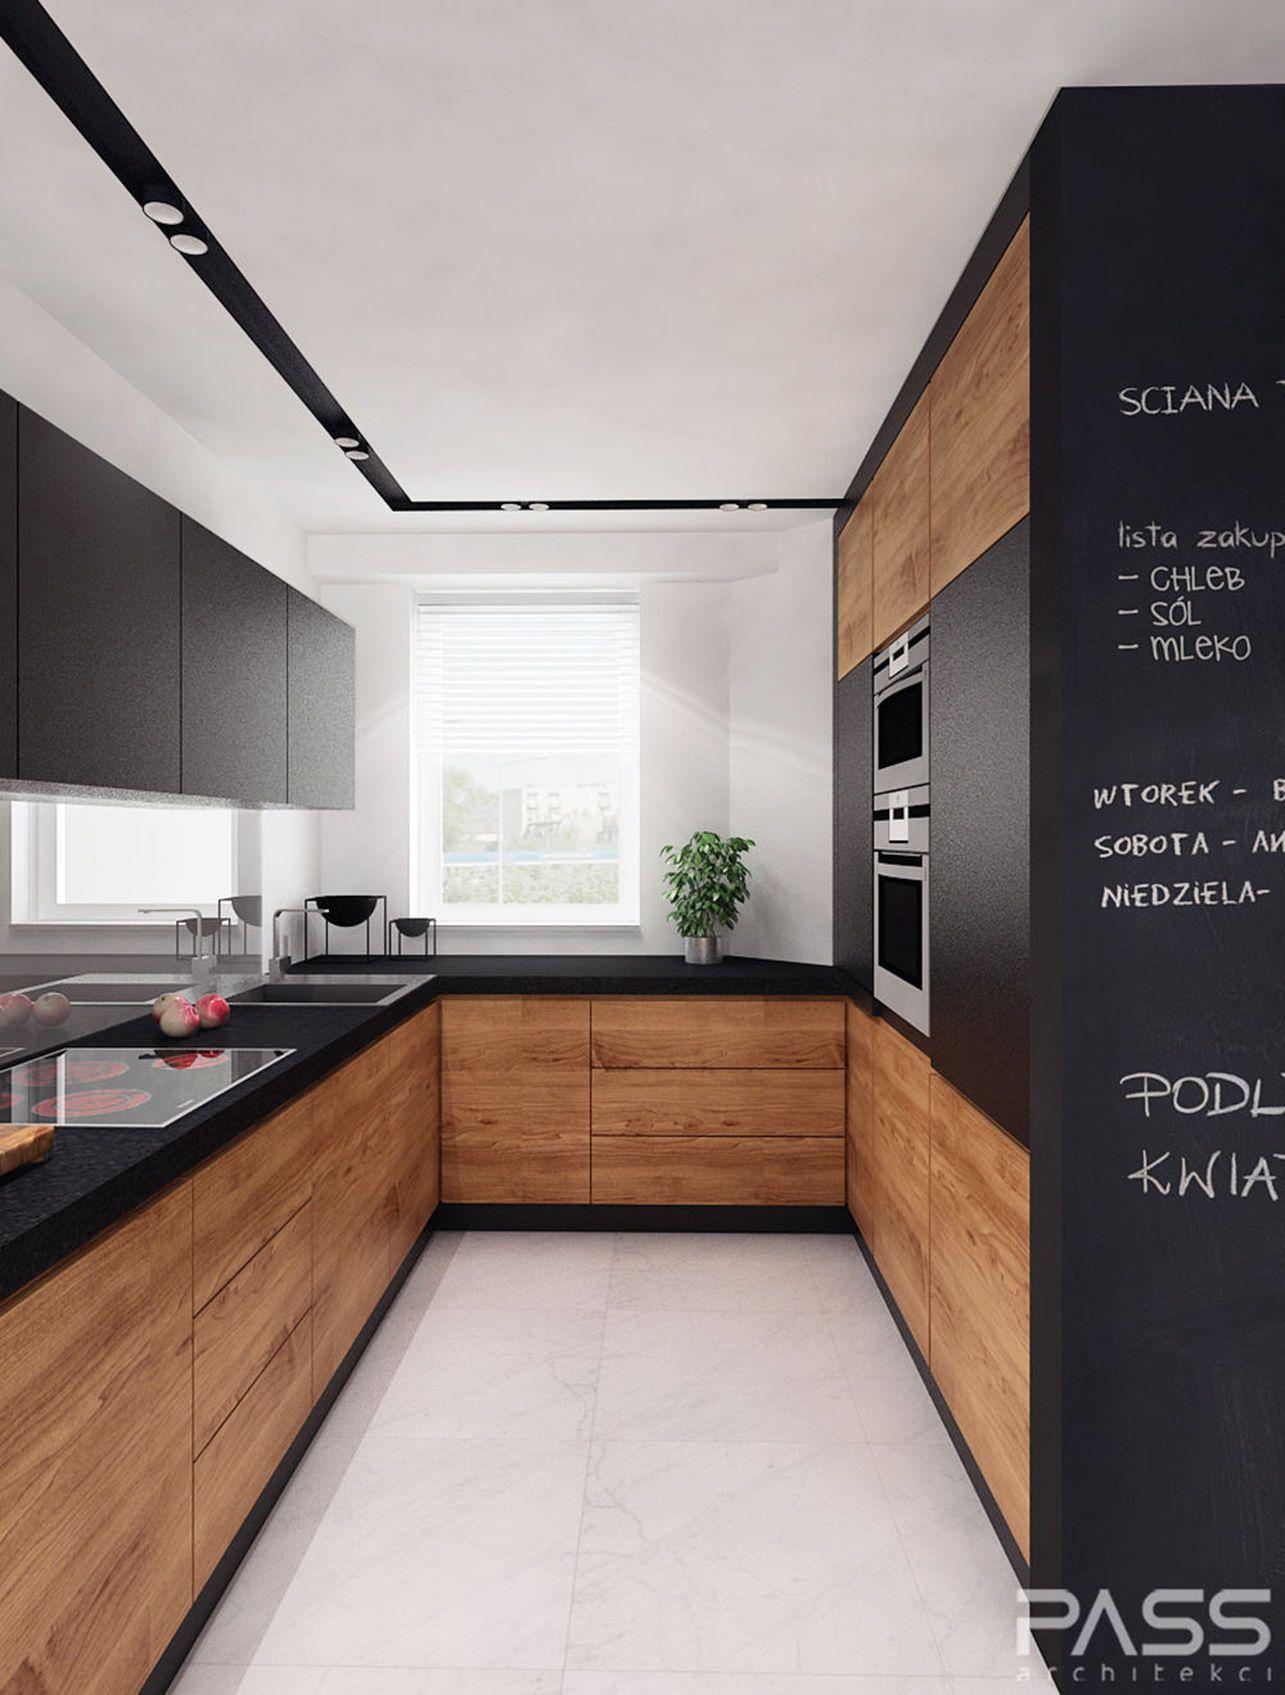 Black and timber kitchen | Kitchen | Pinterest | Küche, Wohnen und ...